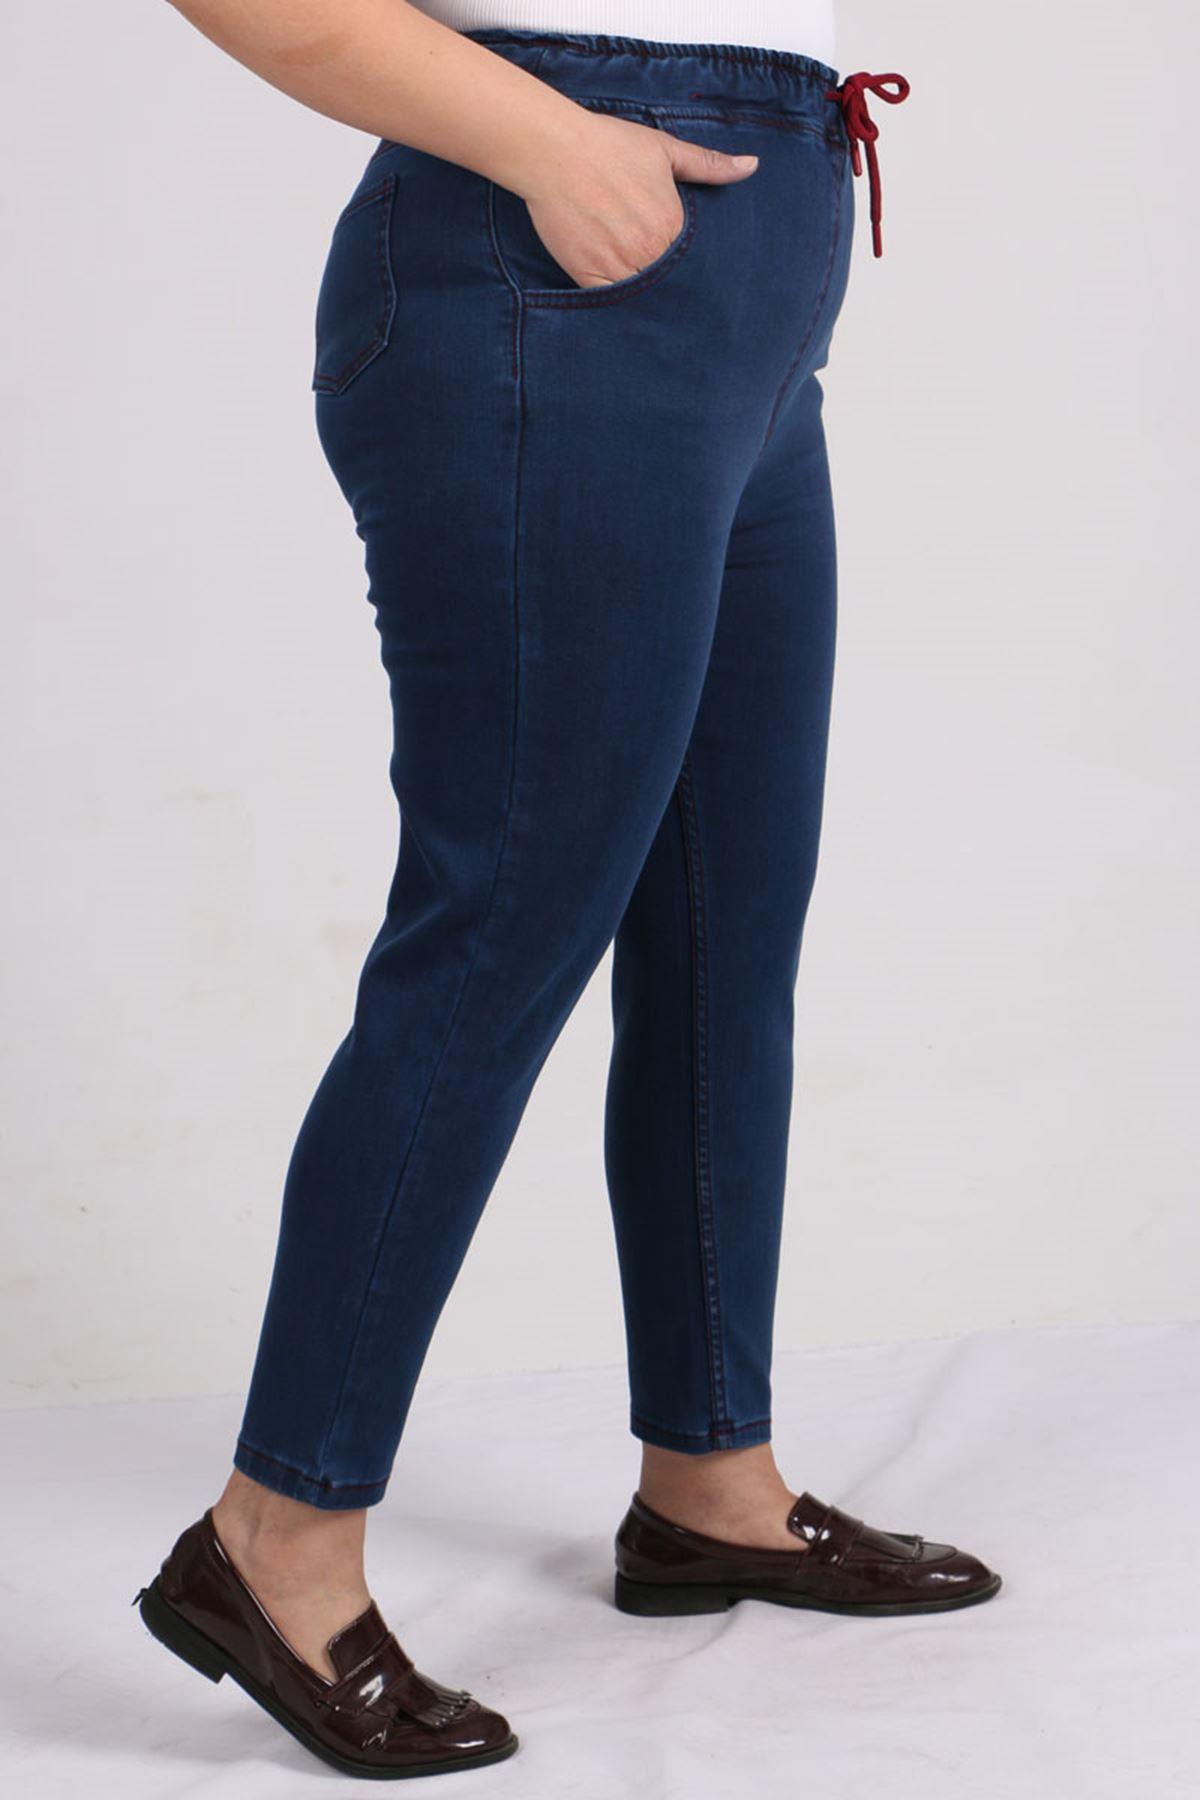 9136 Büyük Beden Beli Lastikli Mom Jeans Pantolon Koyu Mavi - Bordo